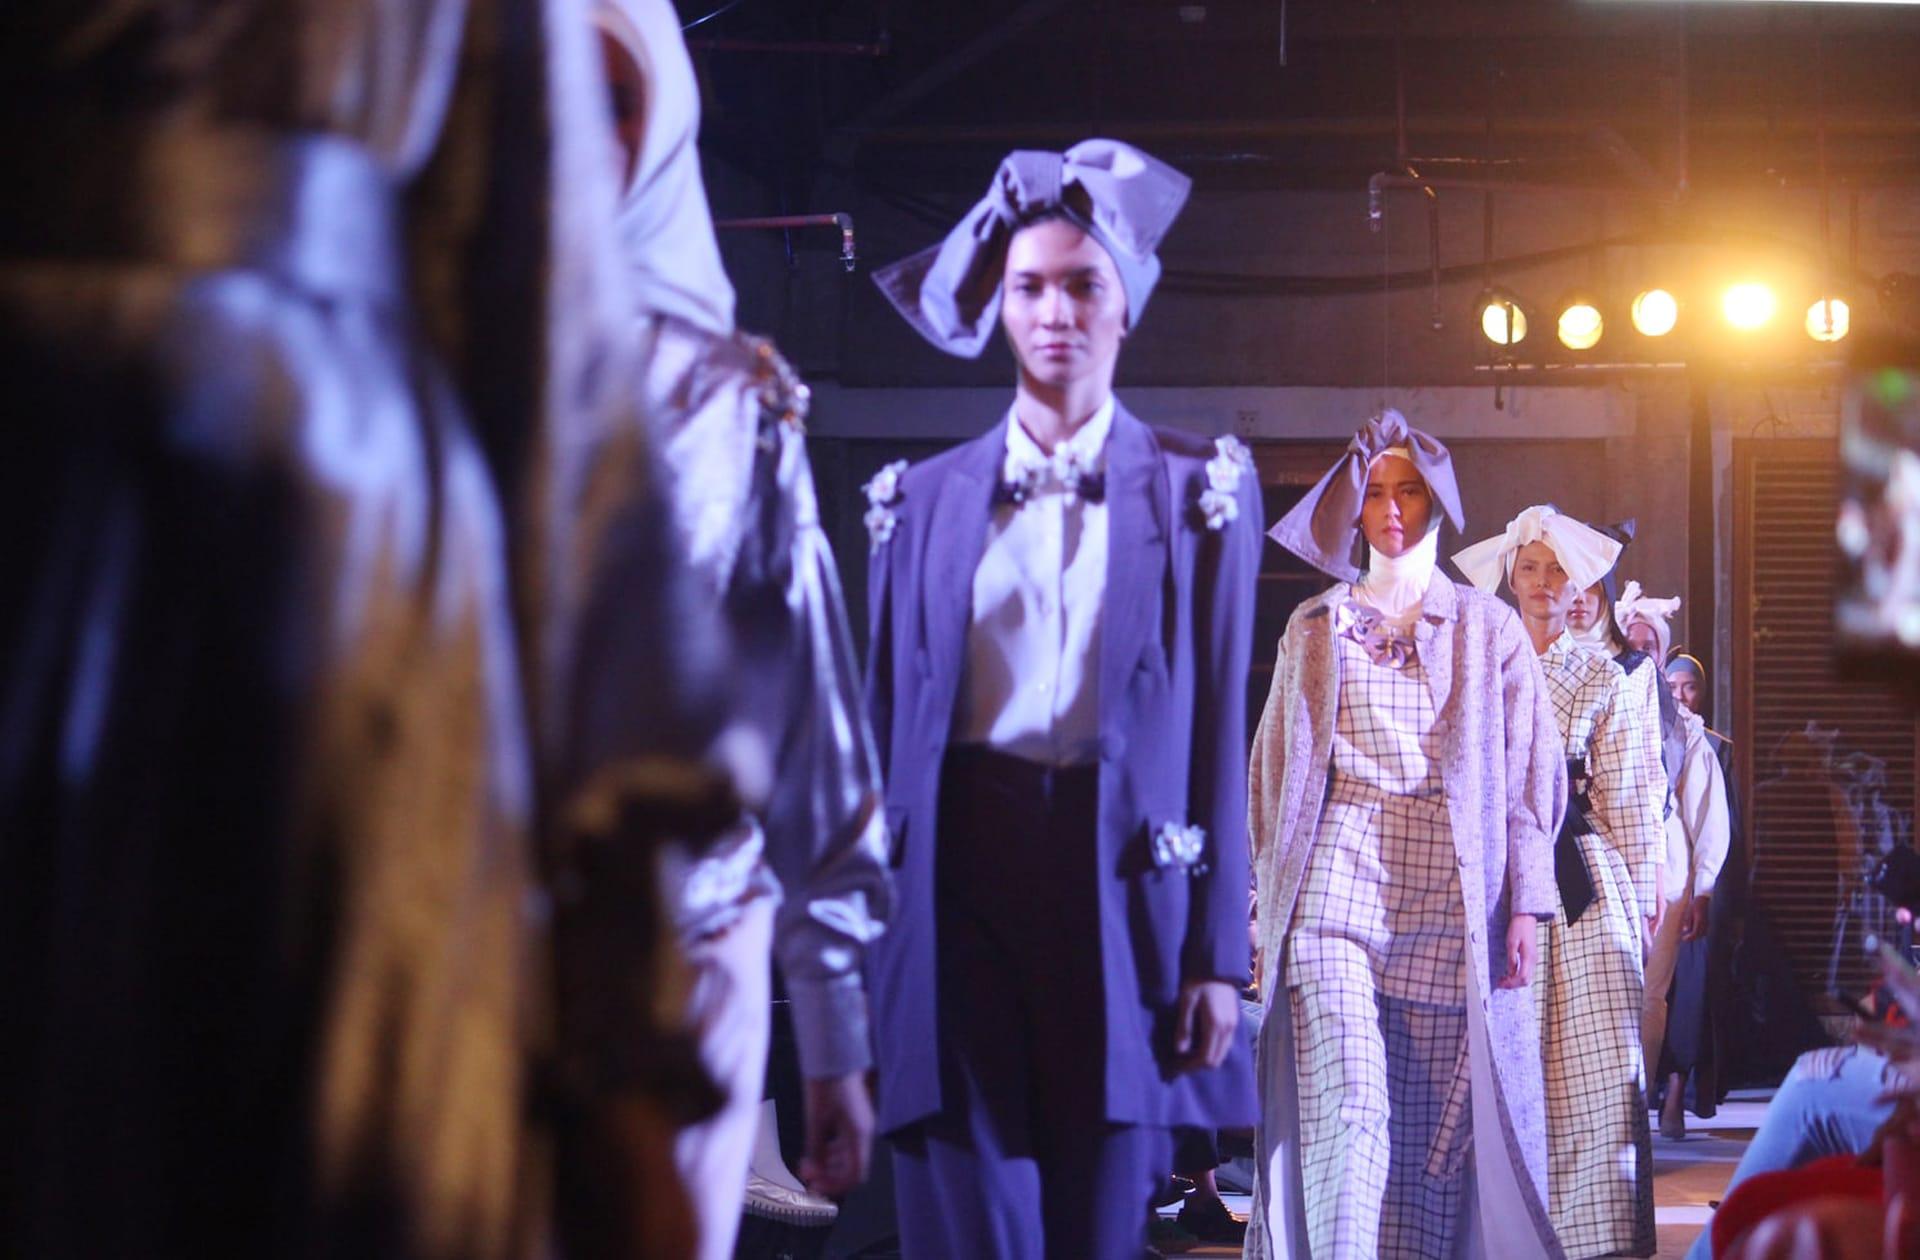 La Fashion Week devient accessible, alors fera-t-elle encore rêver?